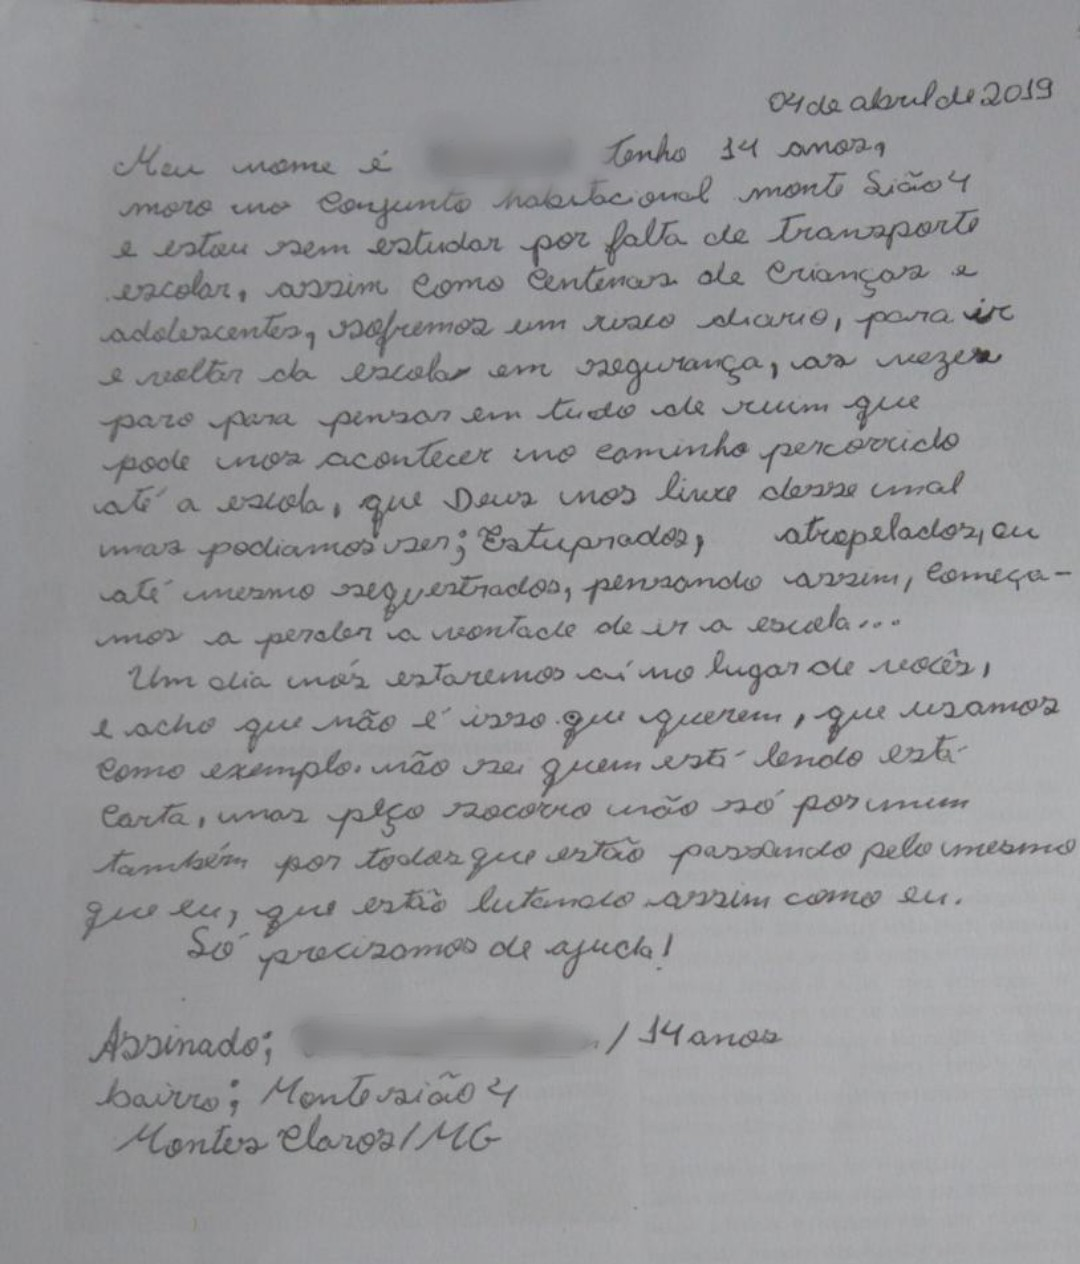 Juiz cita carta de aluno ao obrigar fornecimento de transporte; 'paro para pensar em tudo de ruim que pode nos acontecer no caminho'